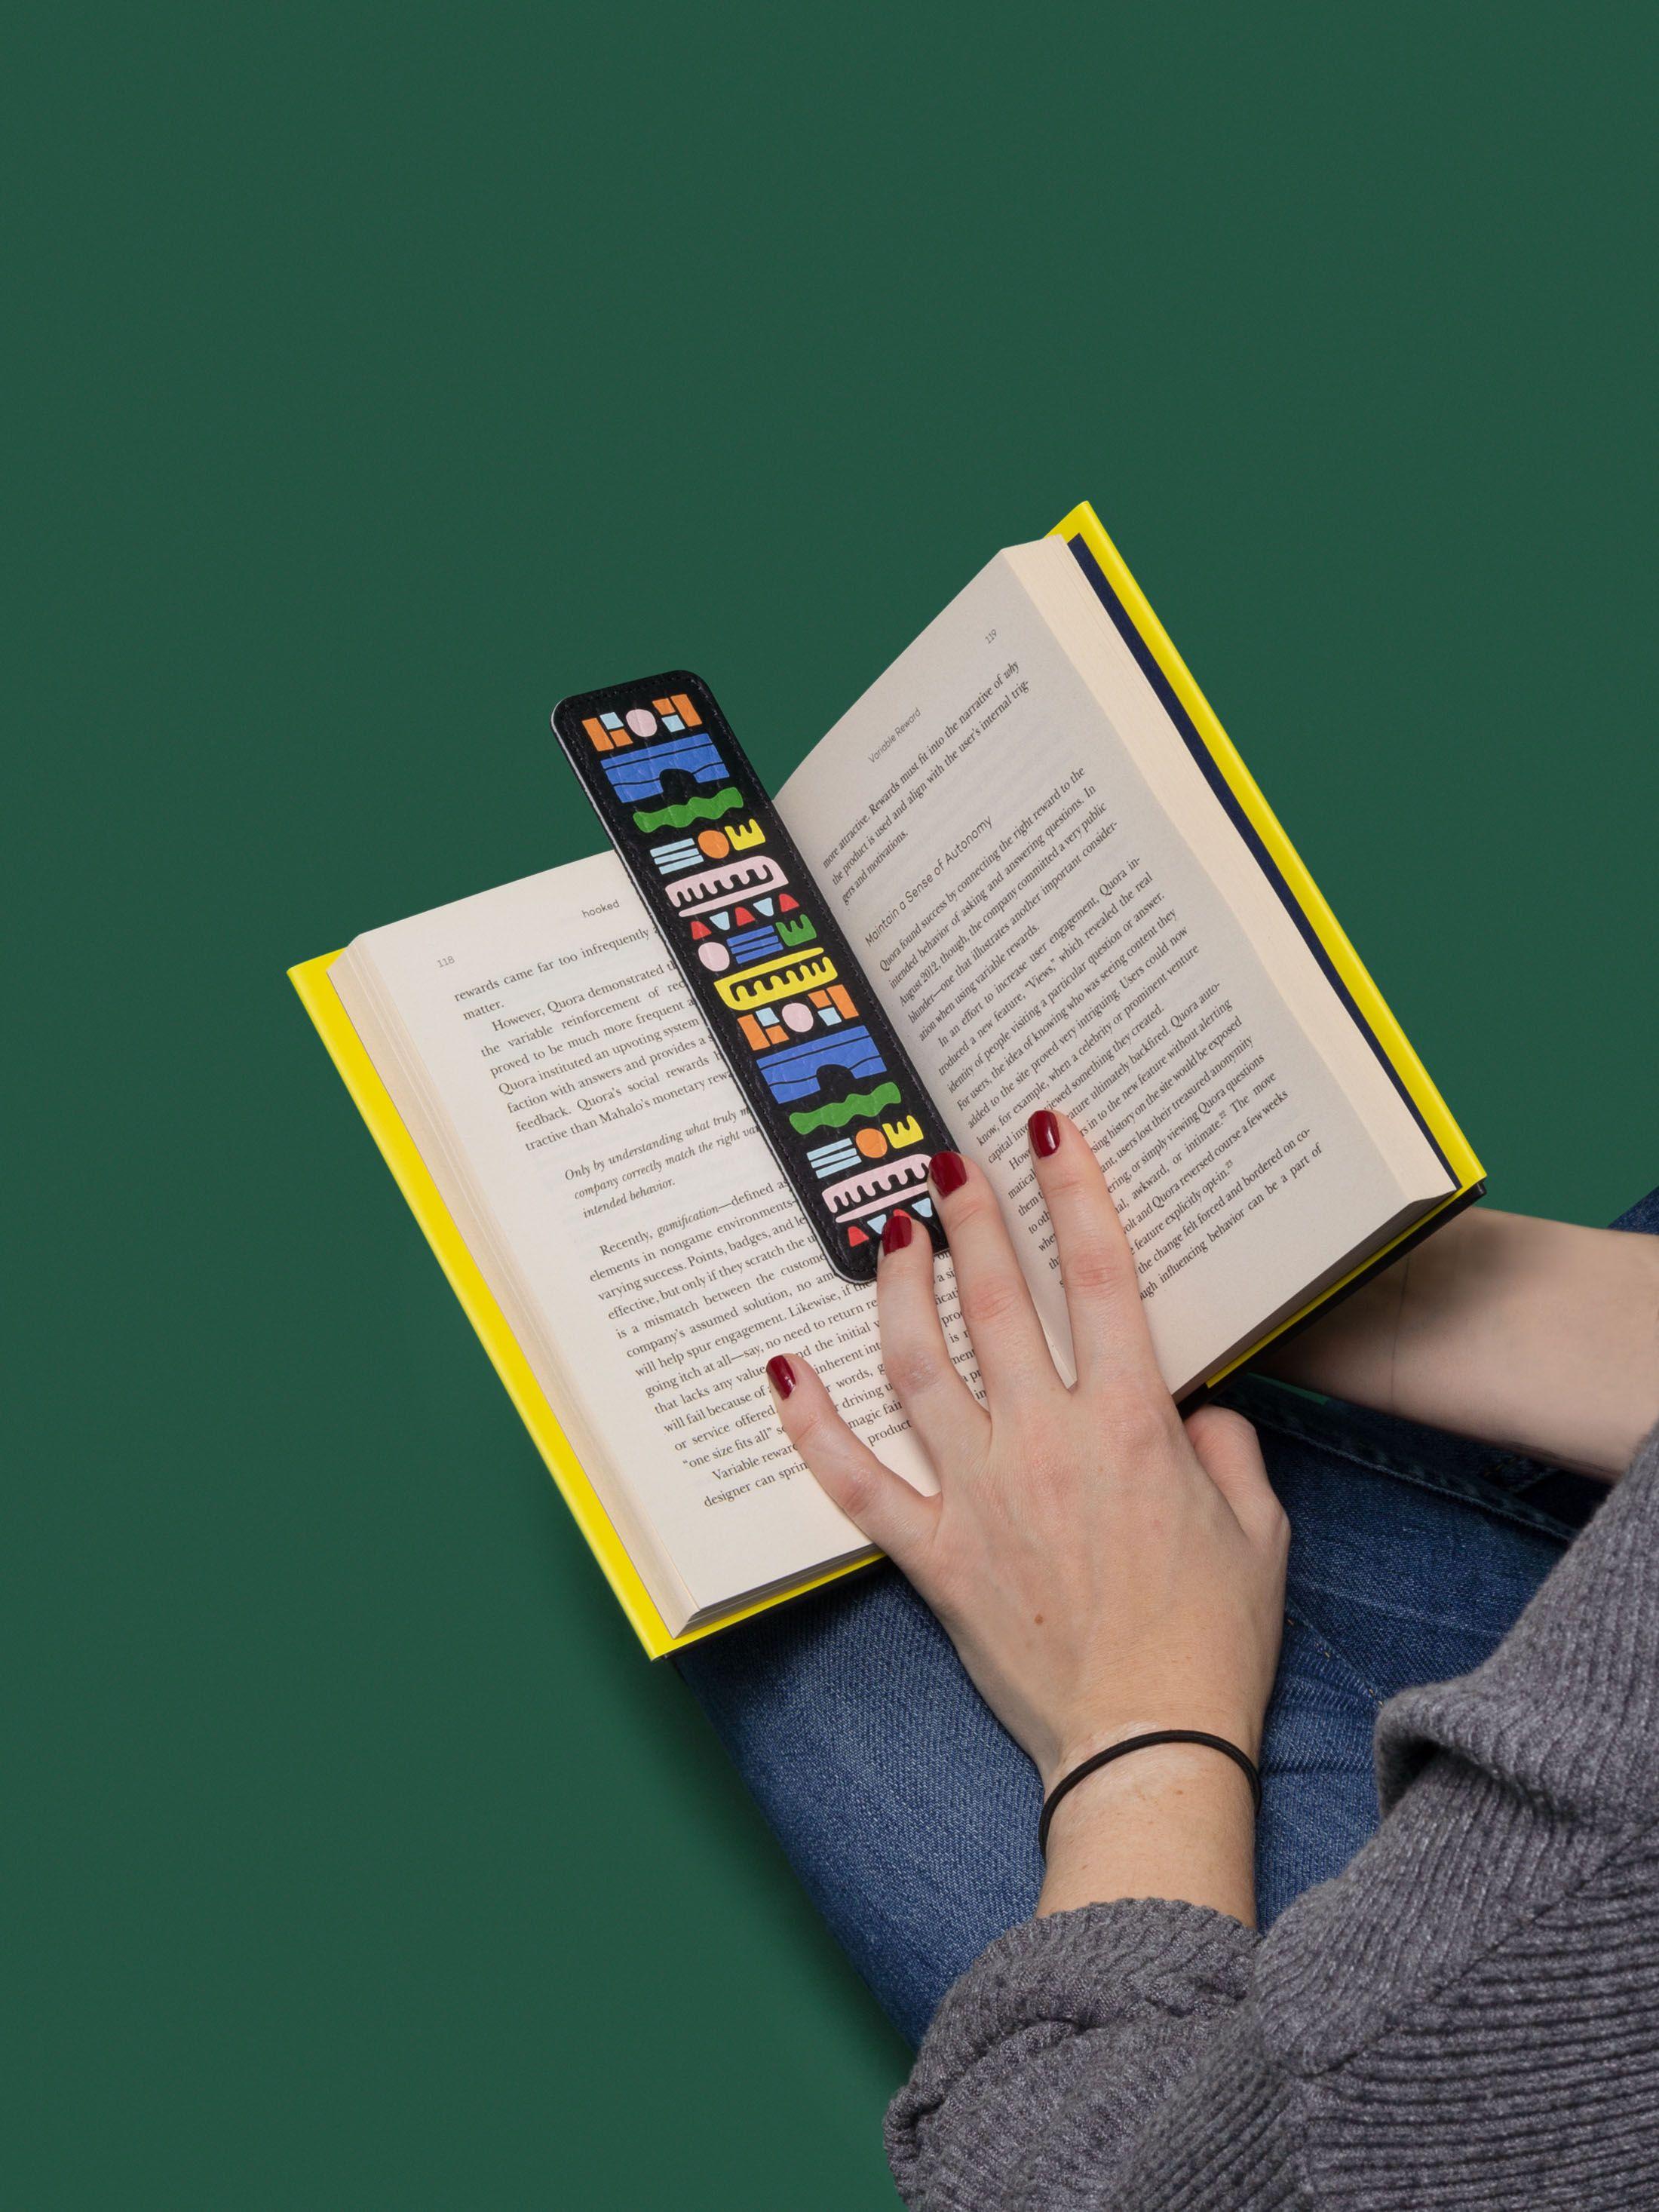 レザーブックマーク オリジナルデザインを印刷